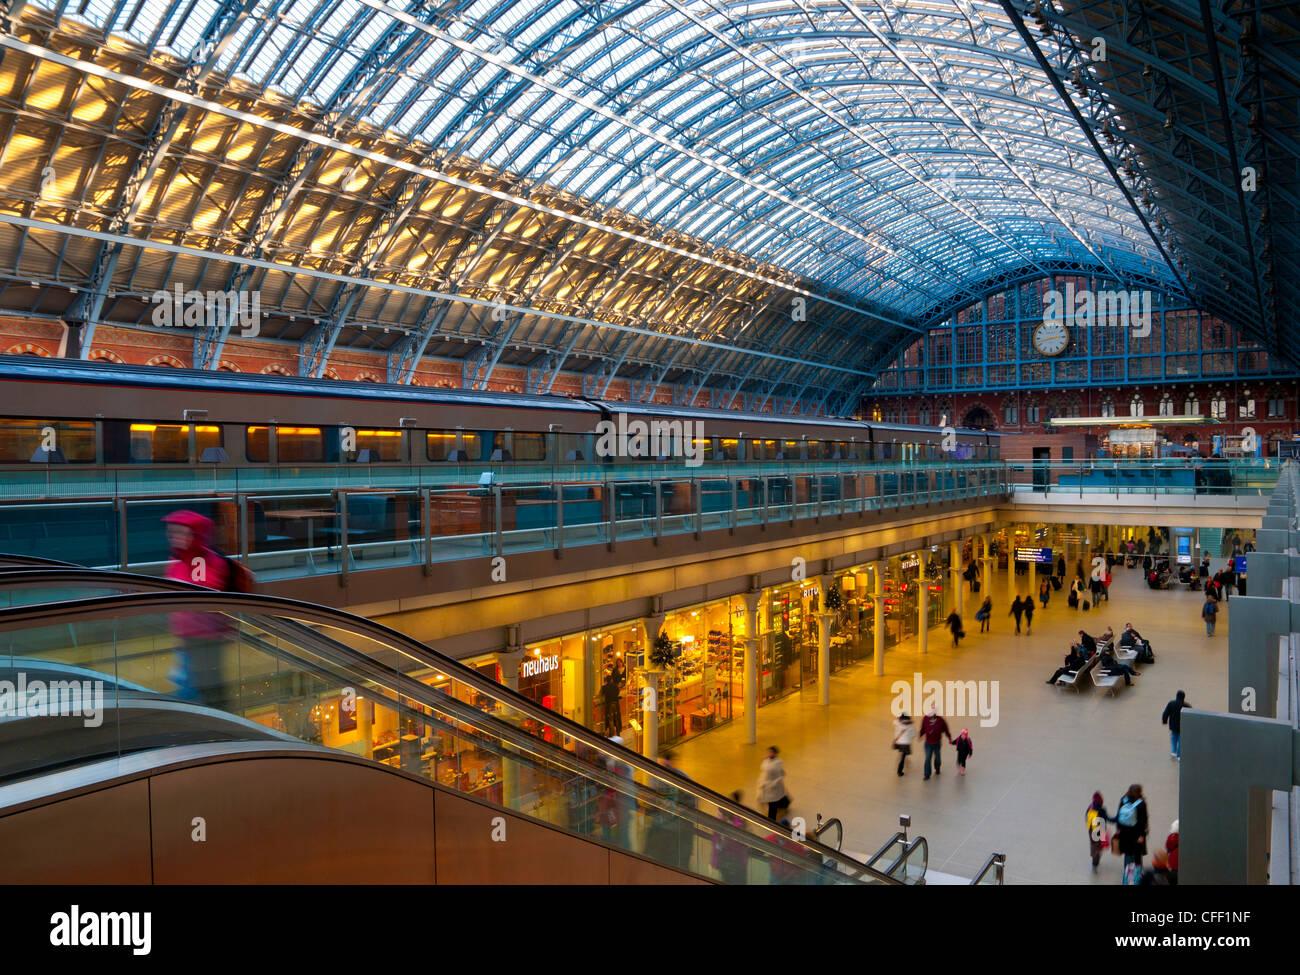 St. Pancras Station, London, England, United Kingdom, Europe Stock Photo